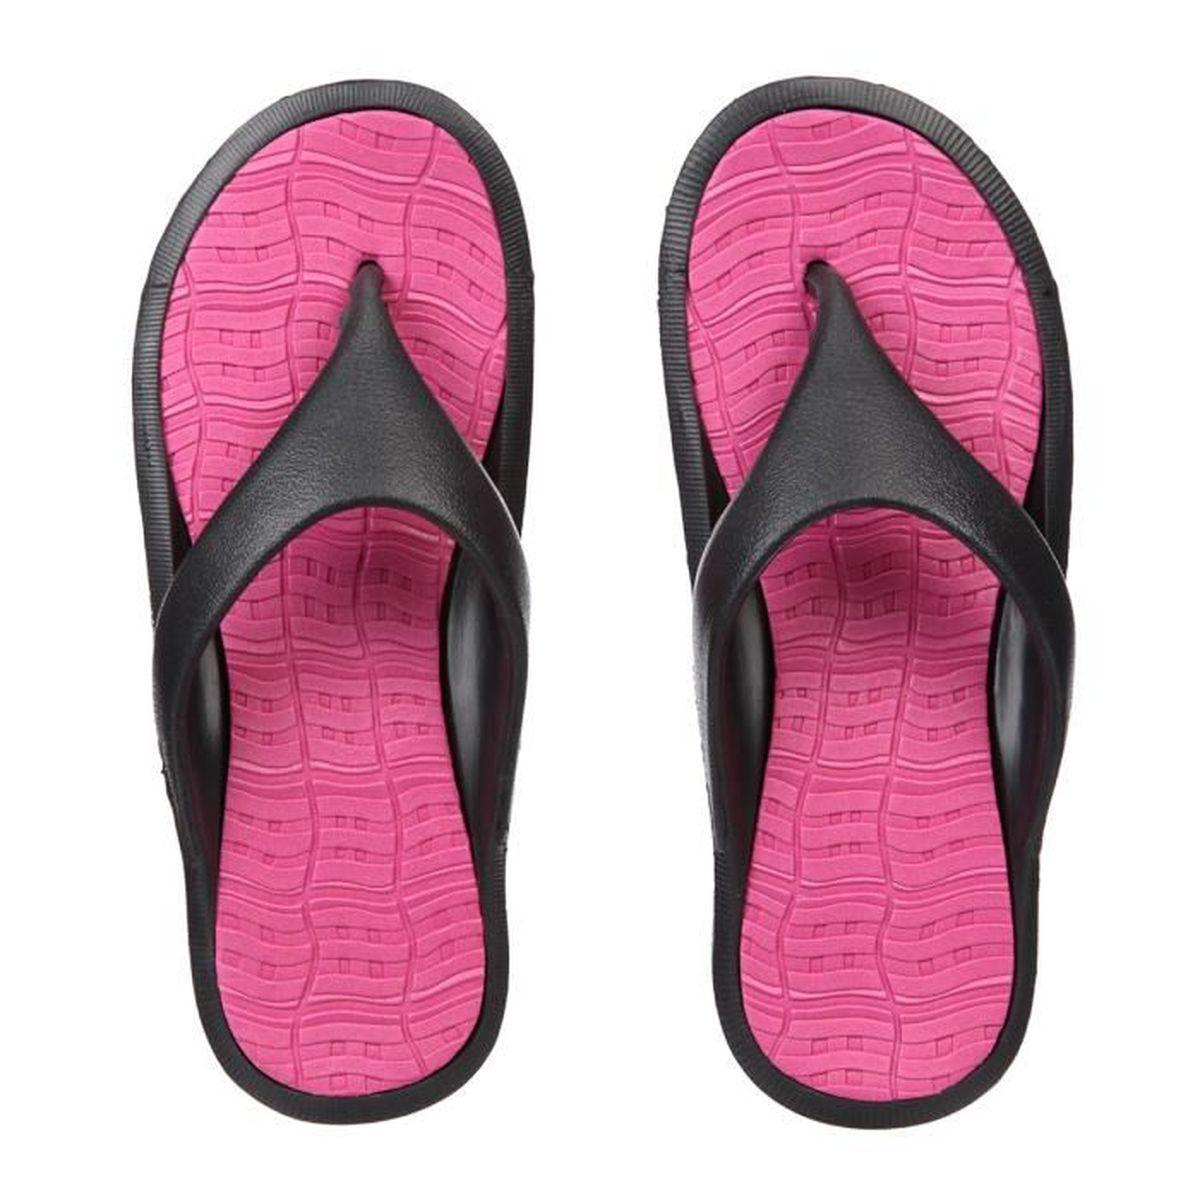 Sandales plat femme achat vente sandales plat femme for Plat convivial pas cher